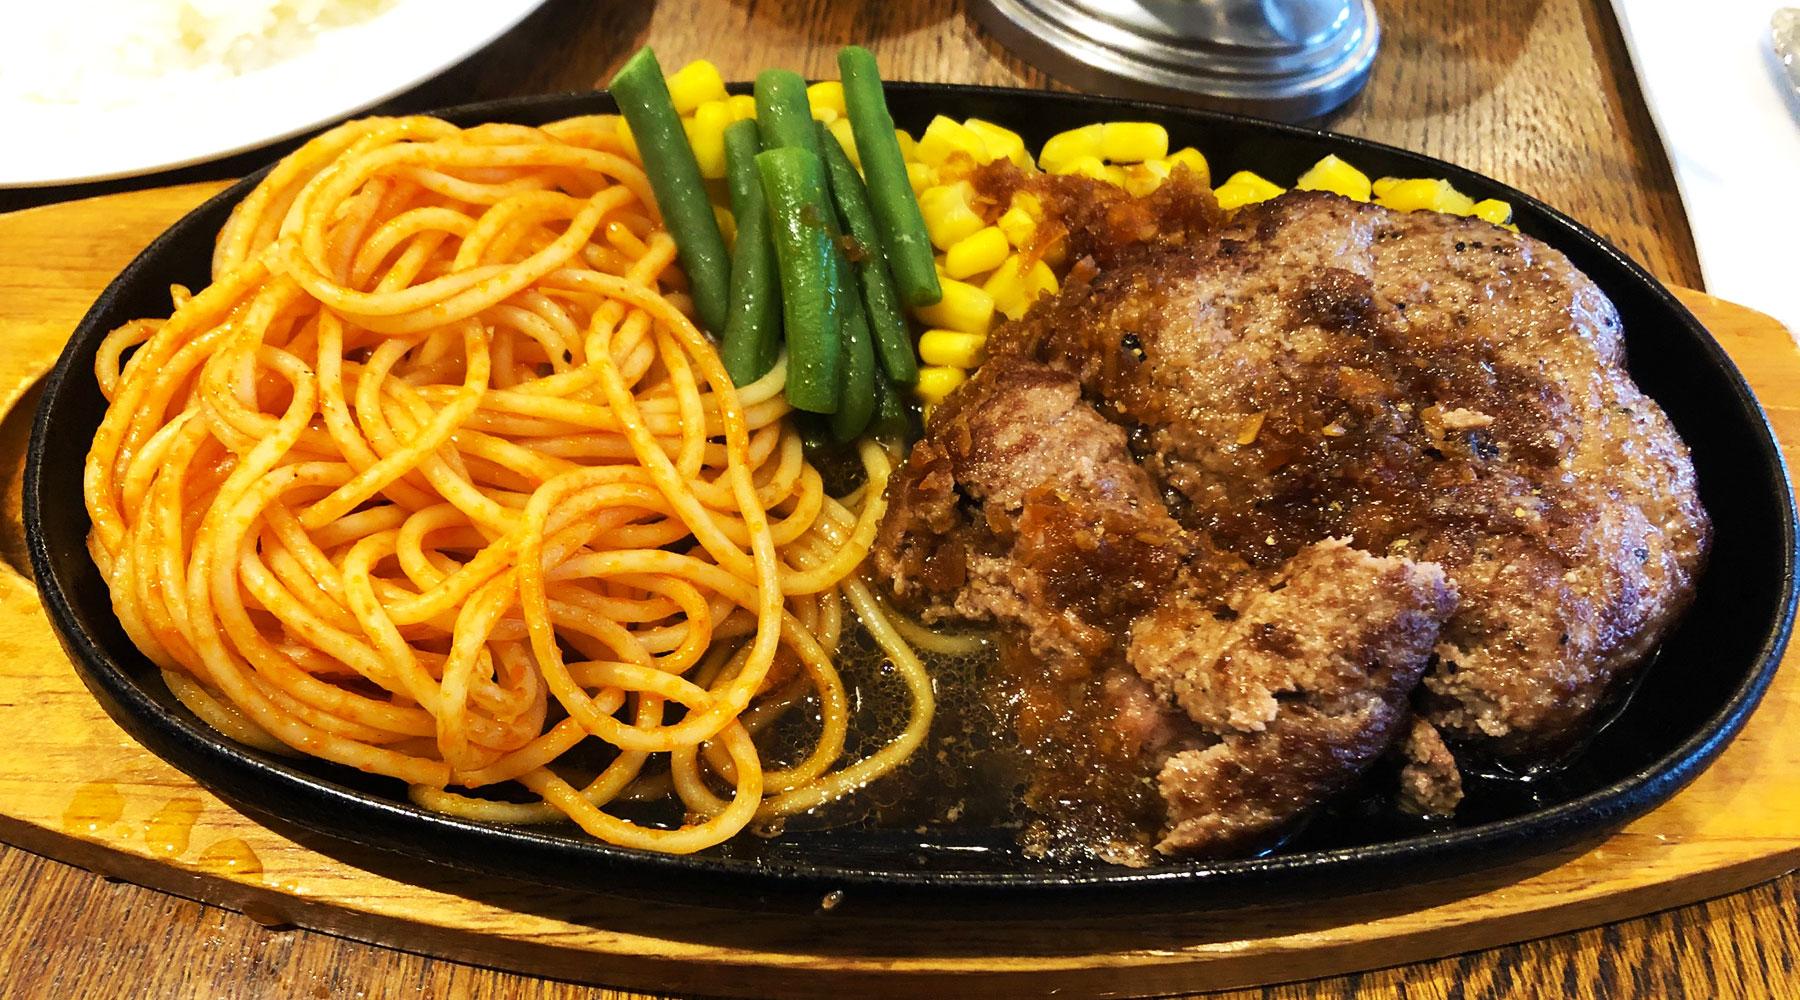 ビアレストラン・アイルのハンバーグステーキ肉汁